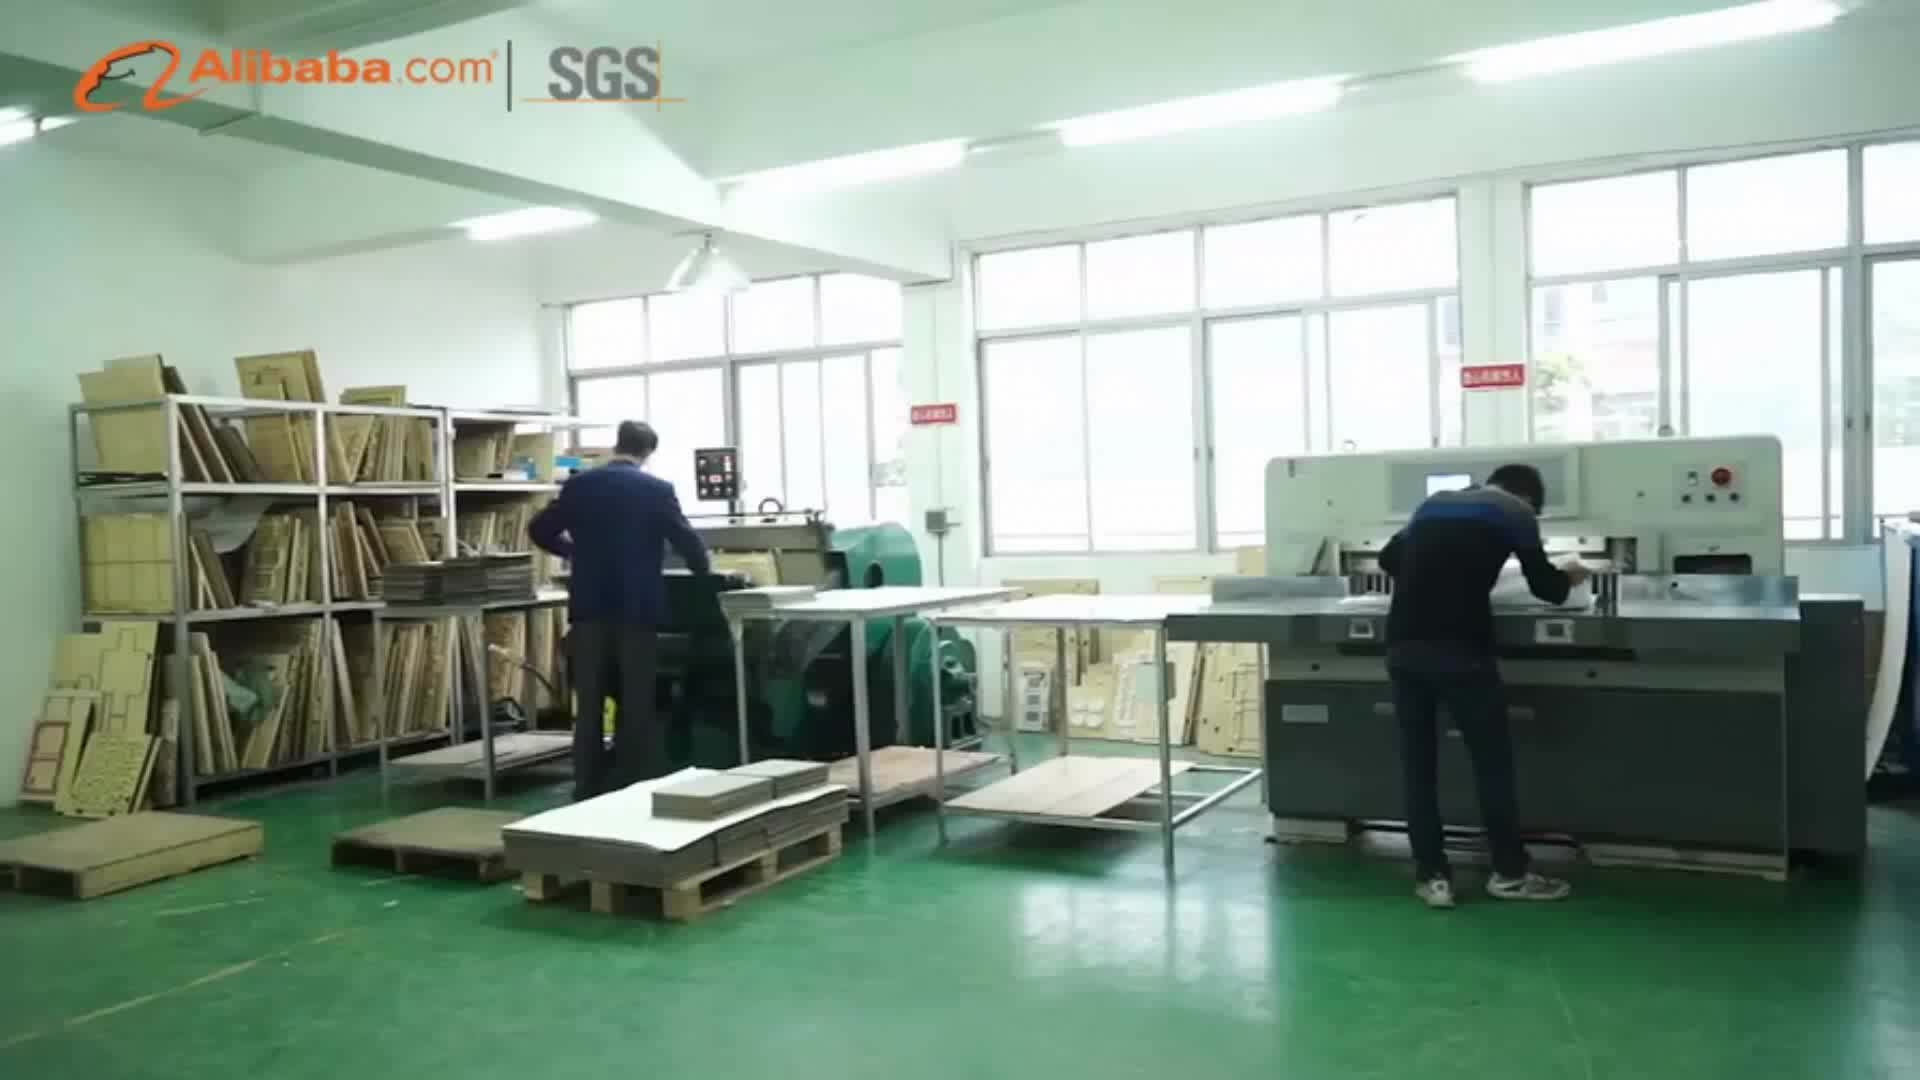 Đồ Dùng Học bán buôn A4 Sinh Viên Máy Tính Xách Tay Nhập Khẩu từ Trung Quốc với Giá Cả Hợp Lý